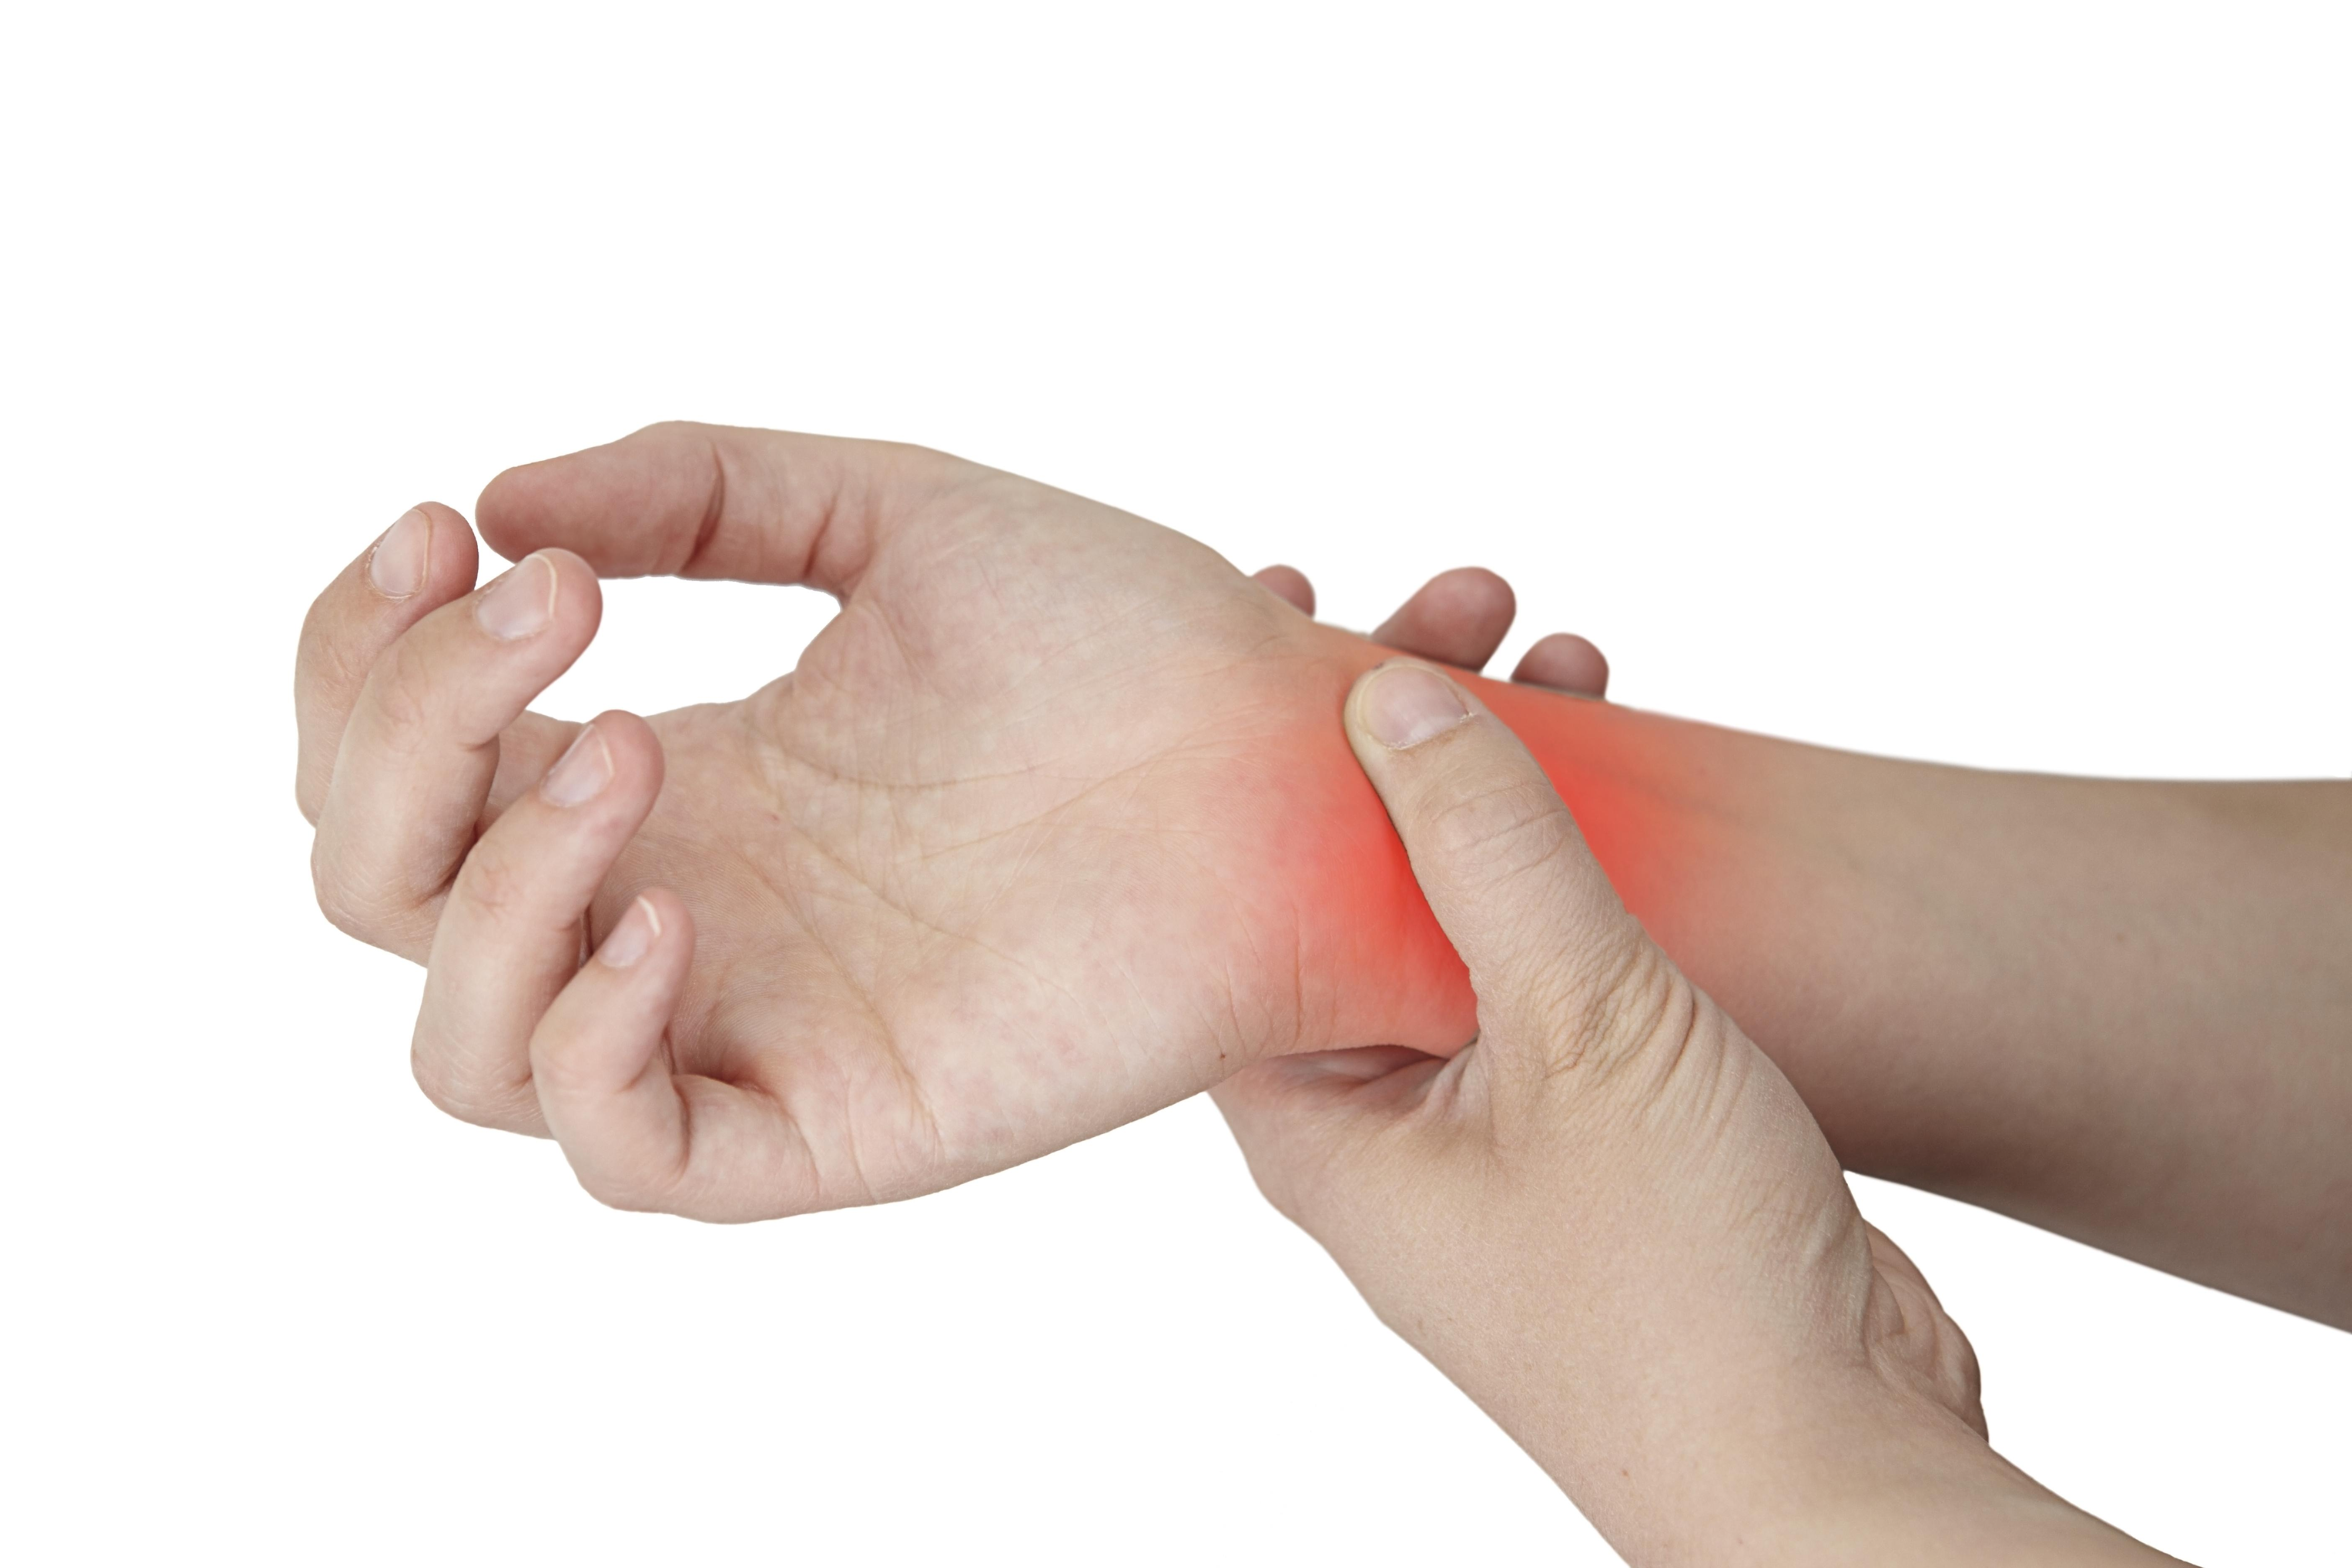 la rodilla con acido urico elevado el tomate de guiso es malo para el acido urico niveles de acido urico elevados